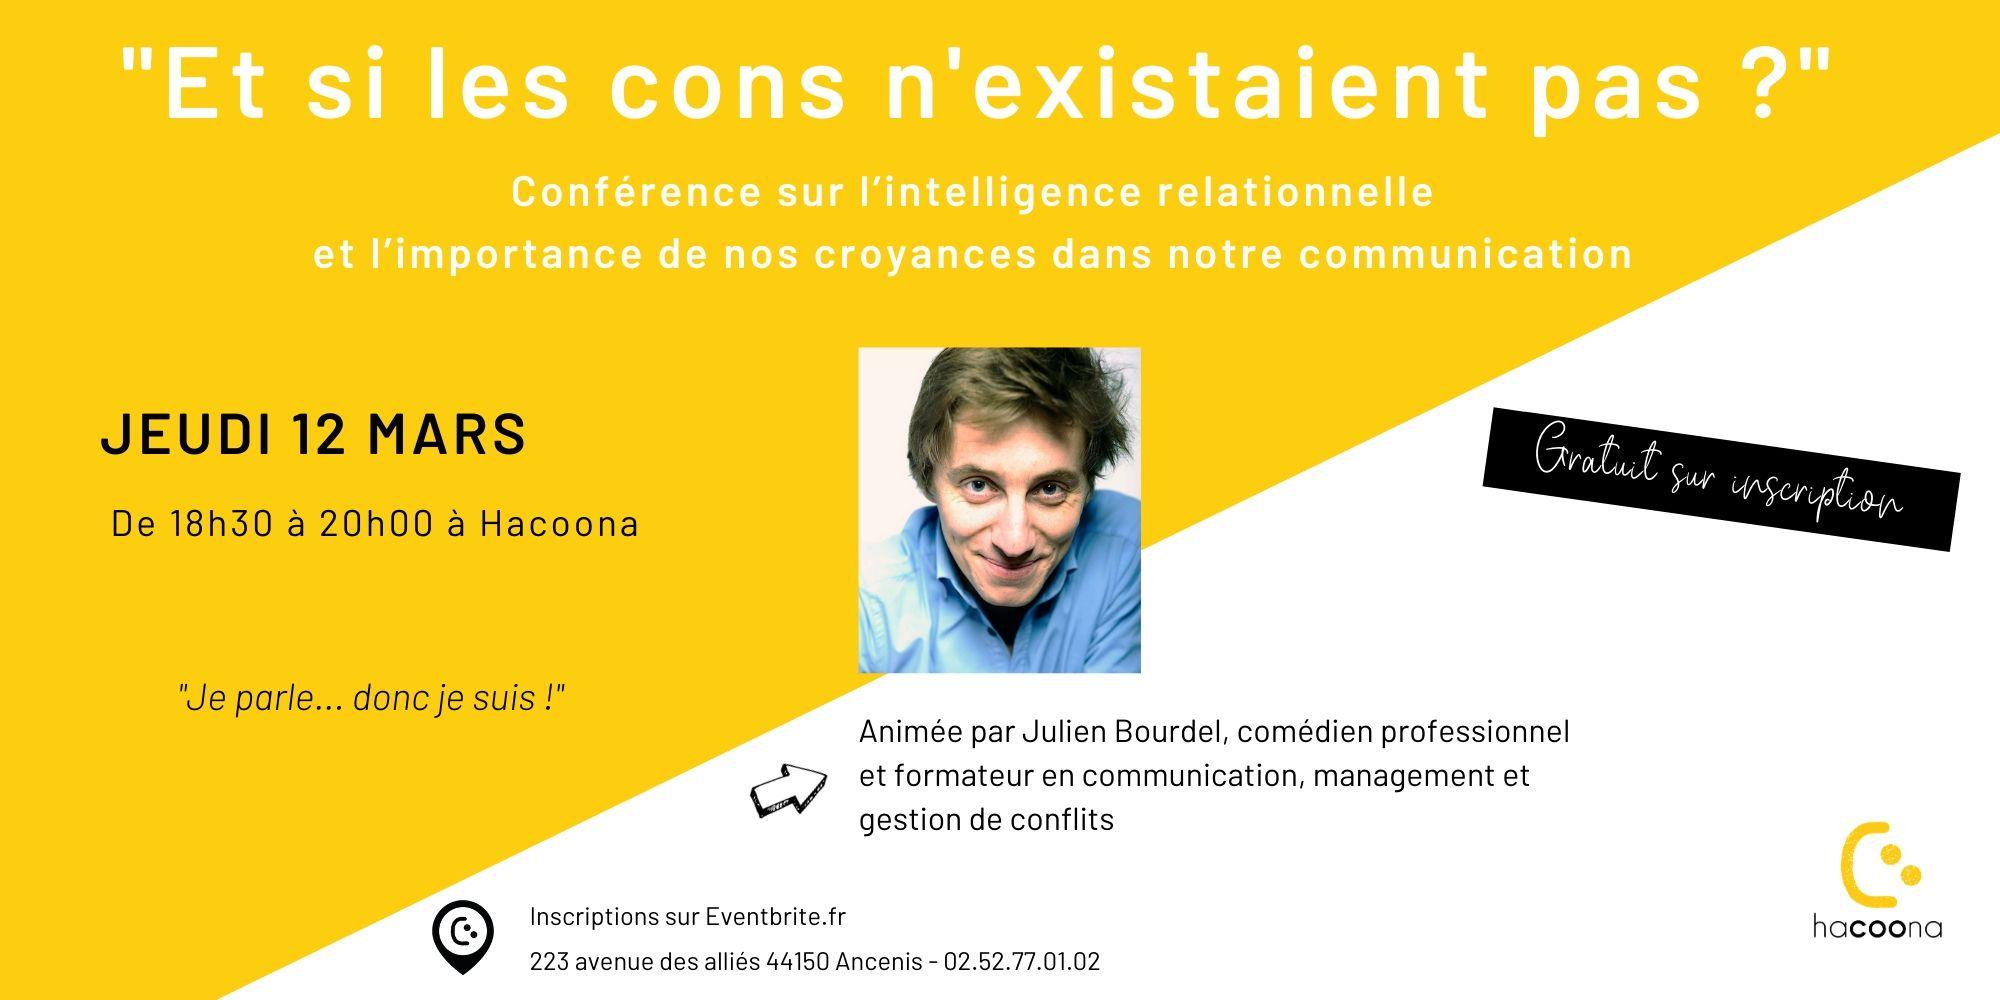 Conférence : Et si les cons n'existaient pas ? Jeudi 12 mars 2020